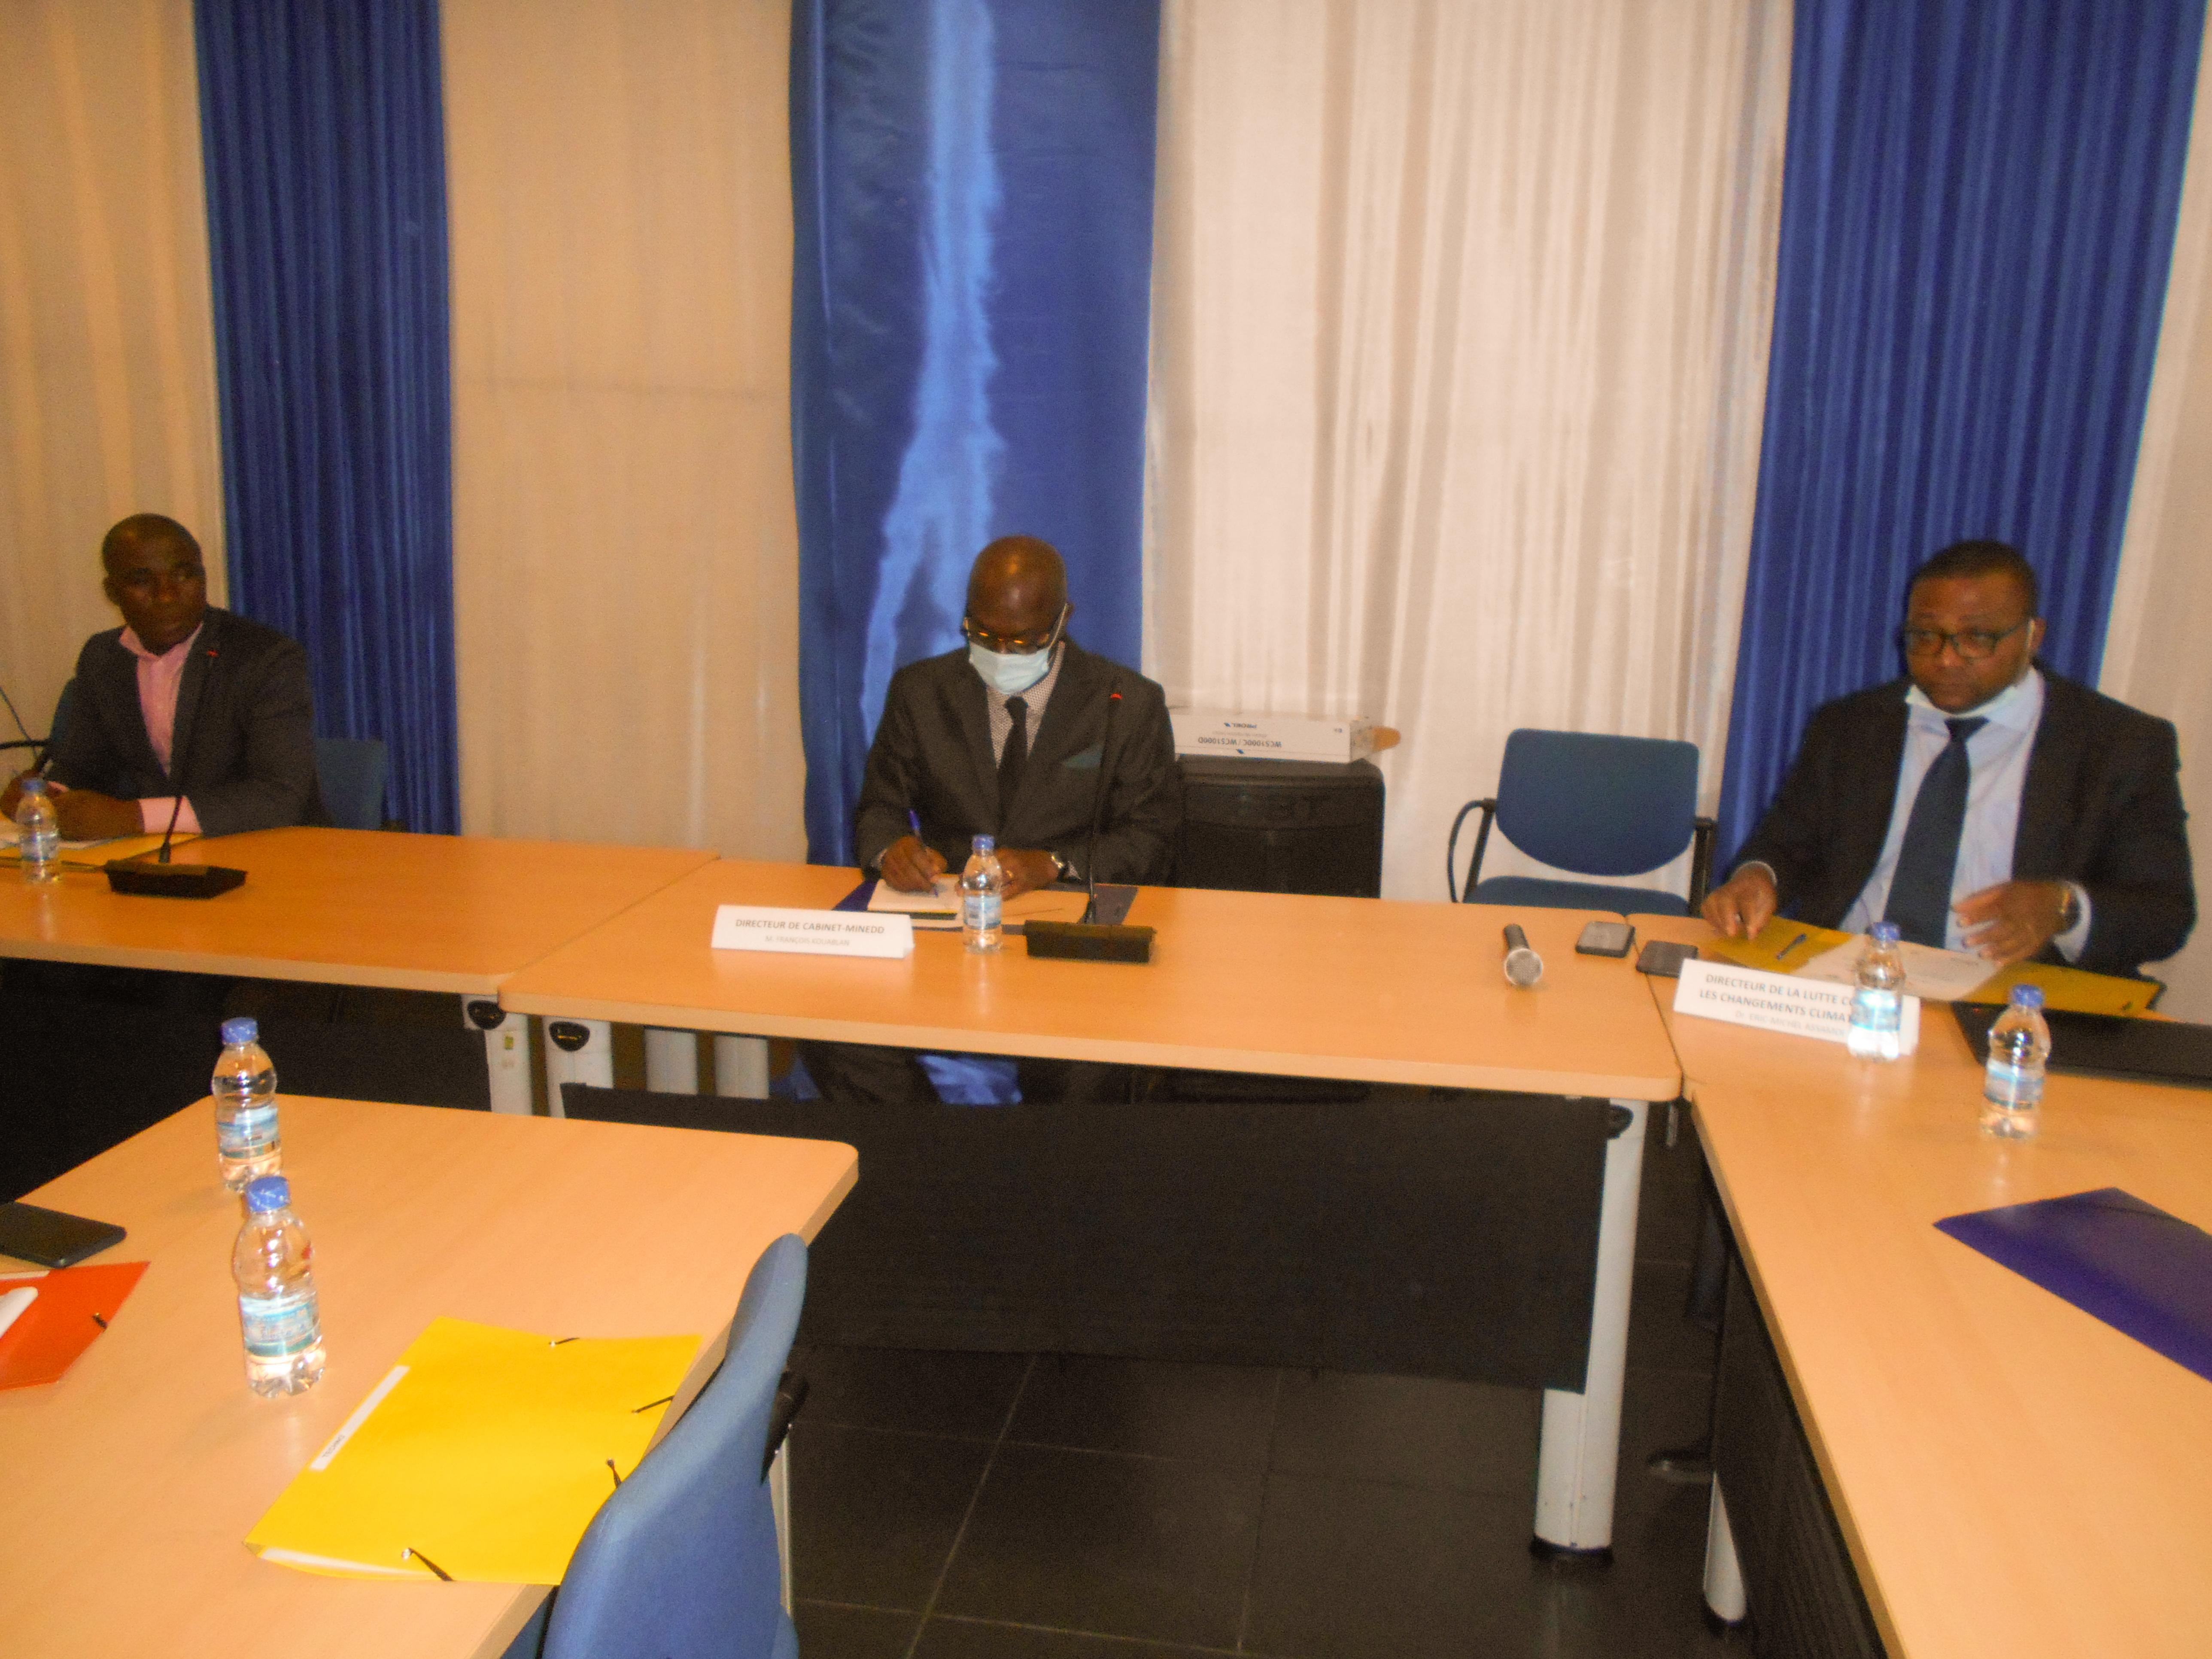 LUTTE CONTRE LES CHANGEMENTS CLMATIQUES : La Côte d'Ivoire met à jour le volet adaptation de ses CDN